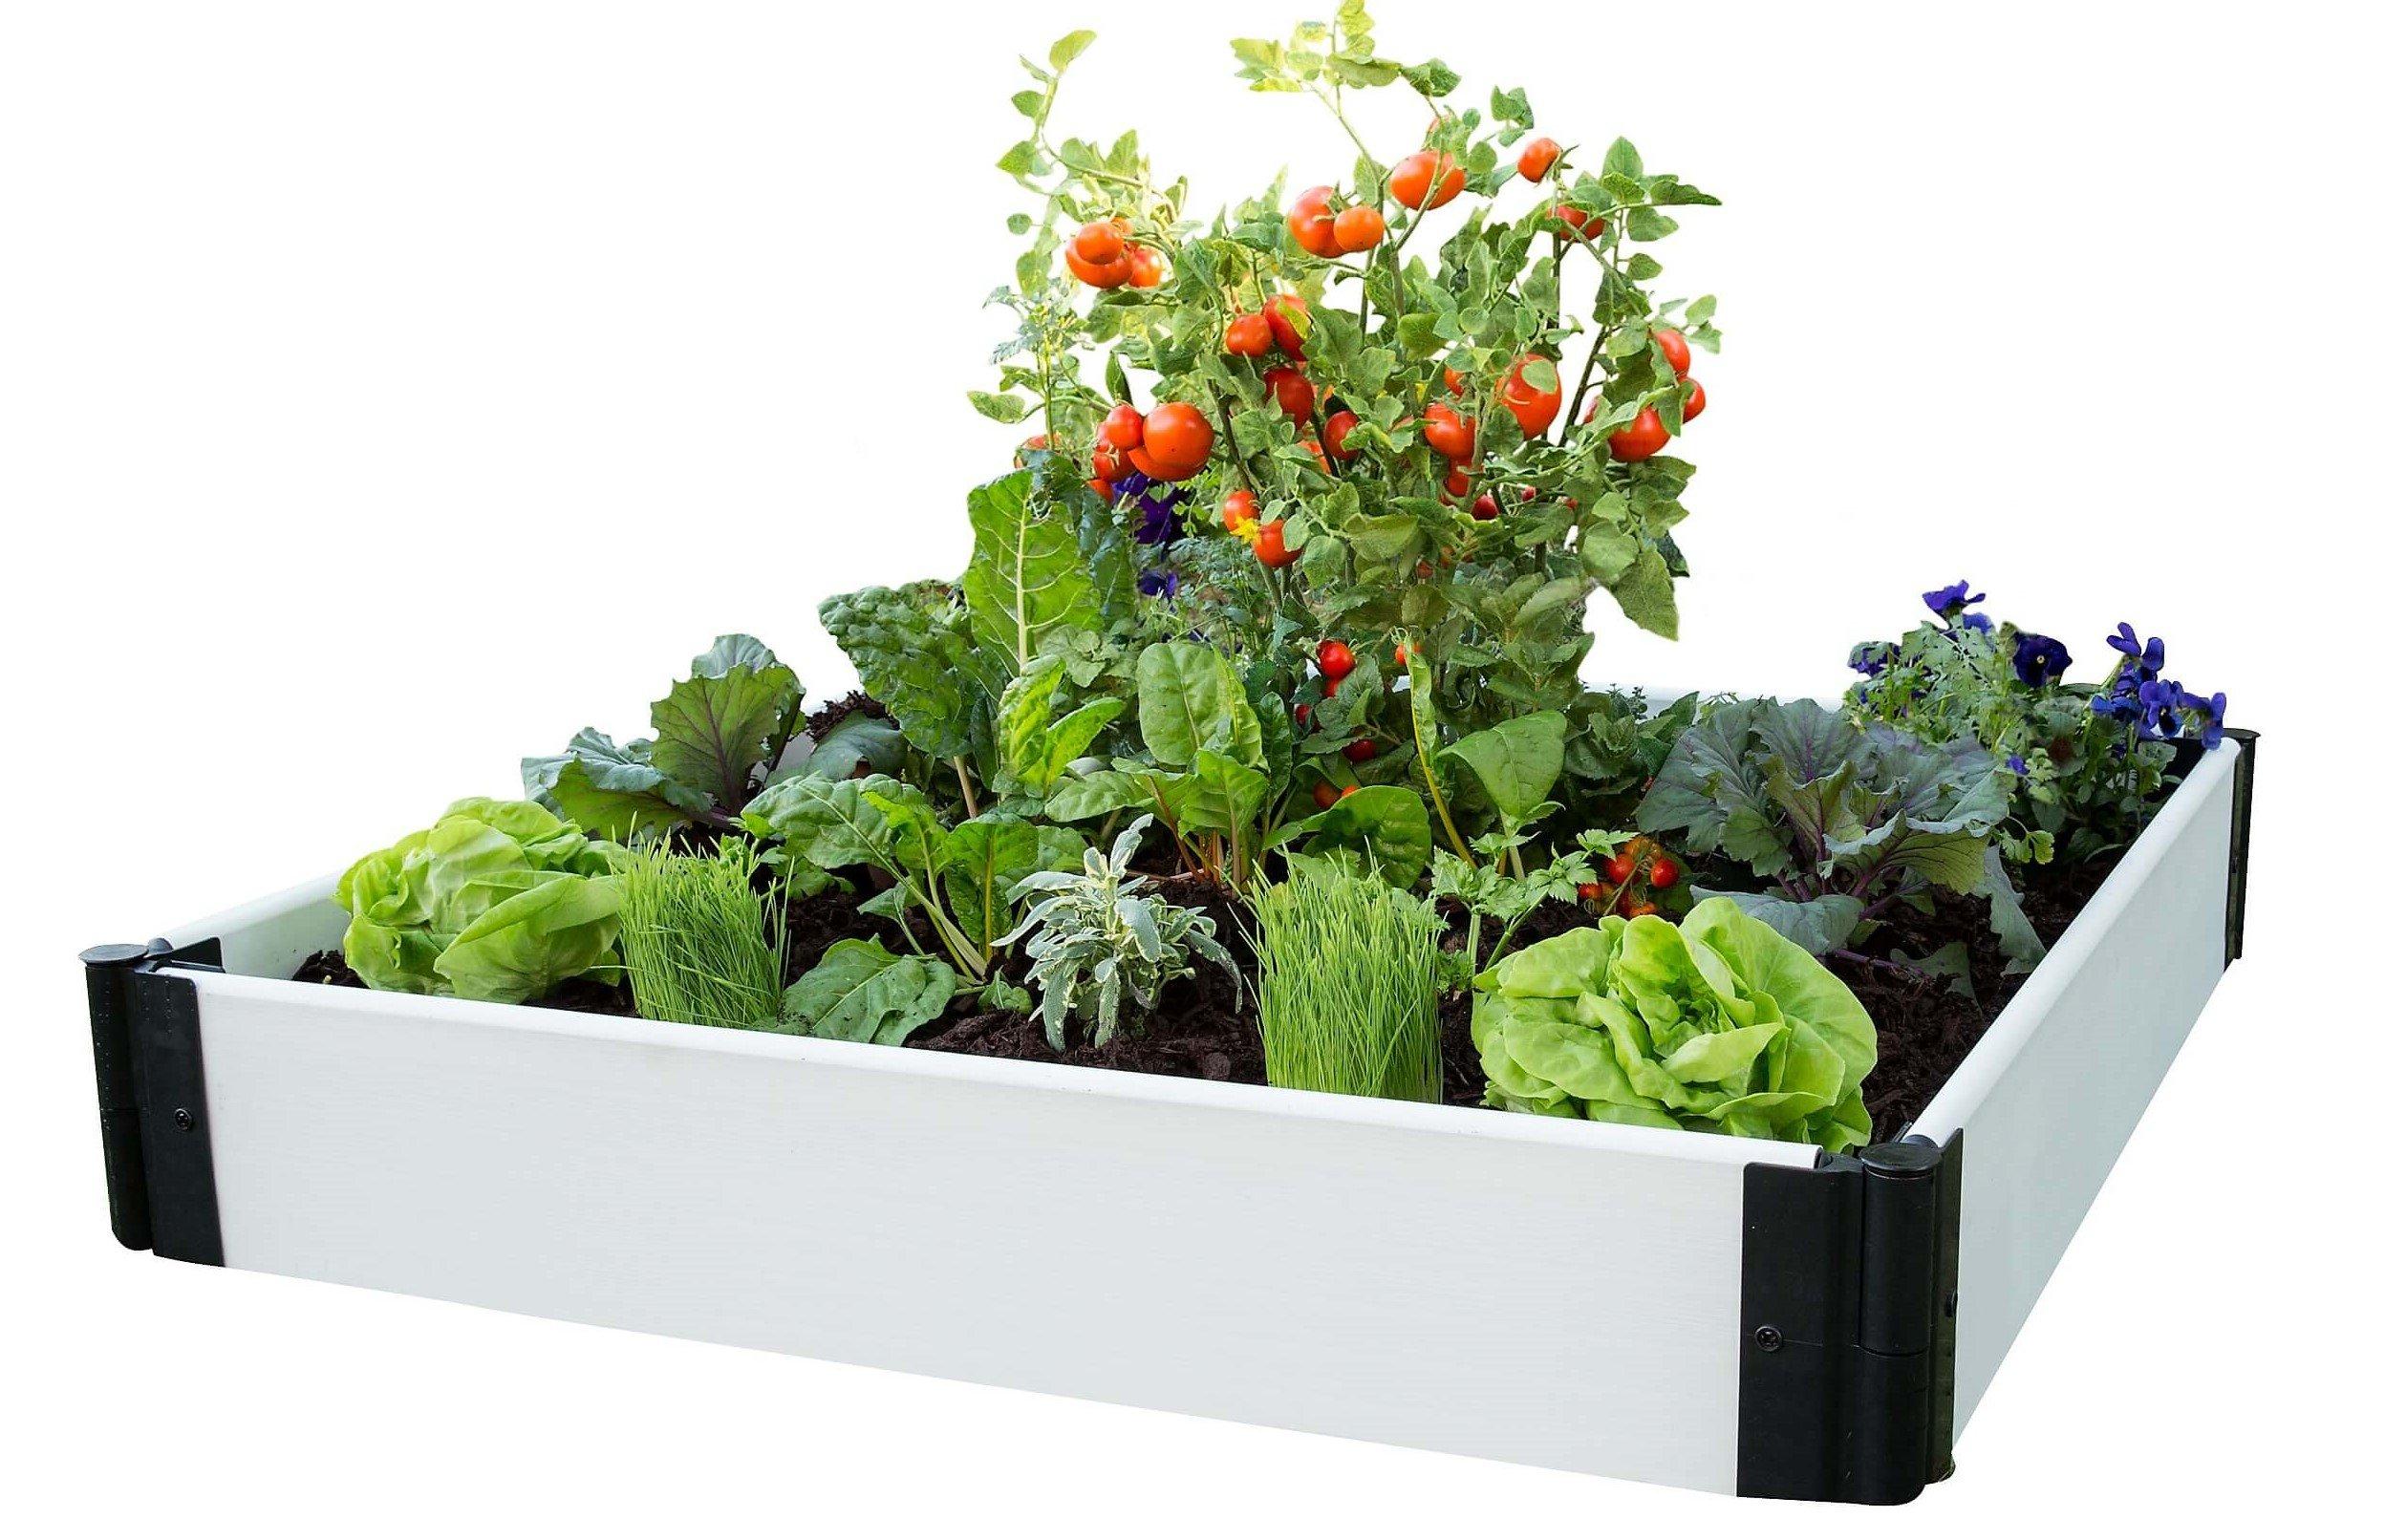 Frame It All White 4ft x 4ft Raised Garden Kit